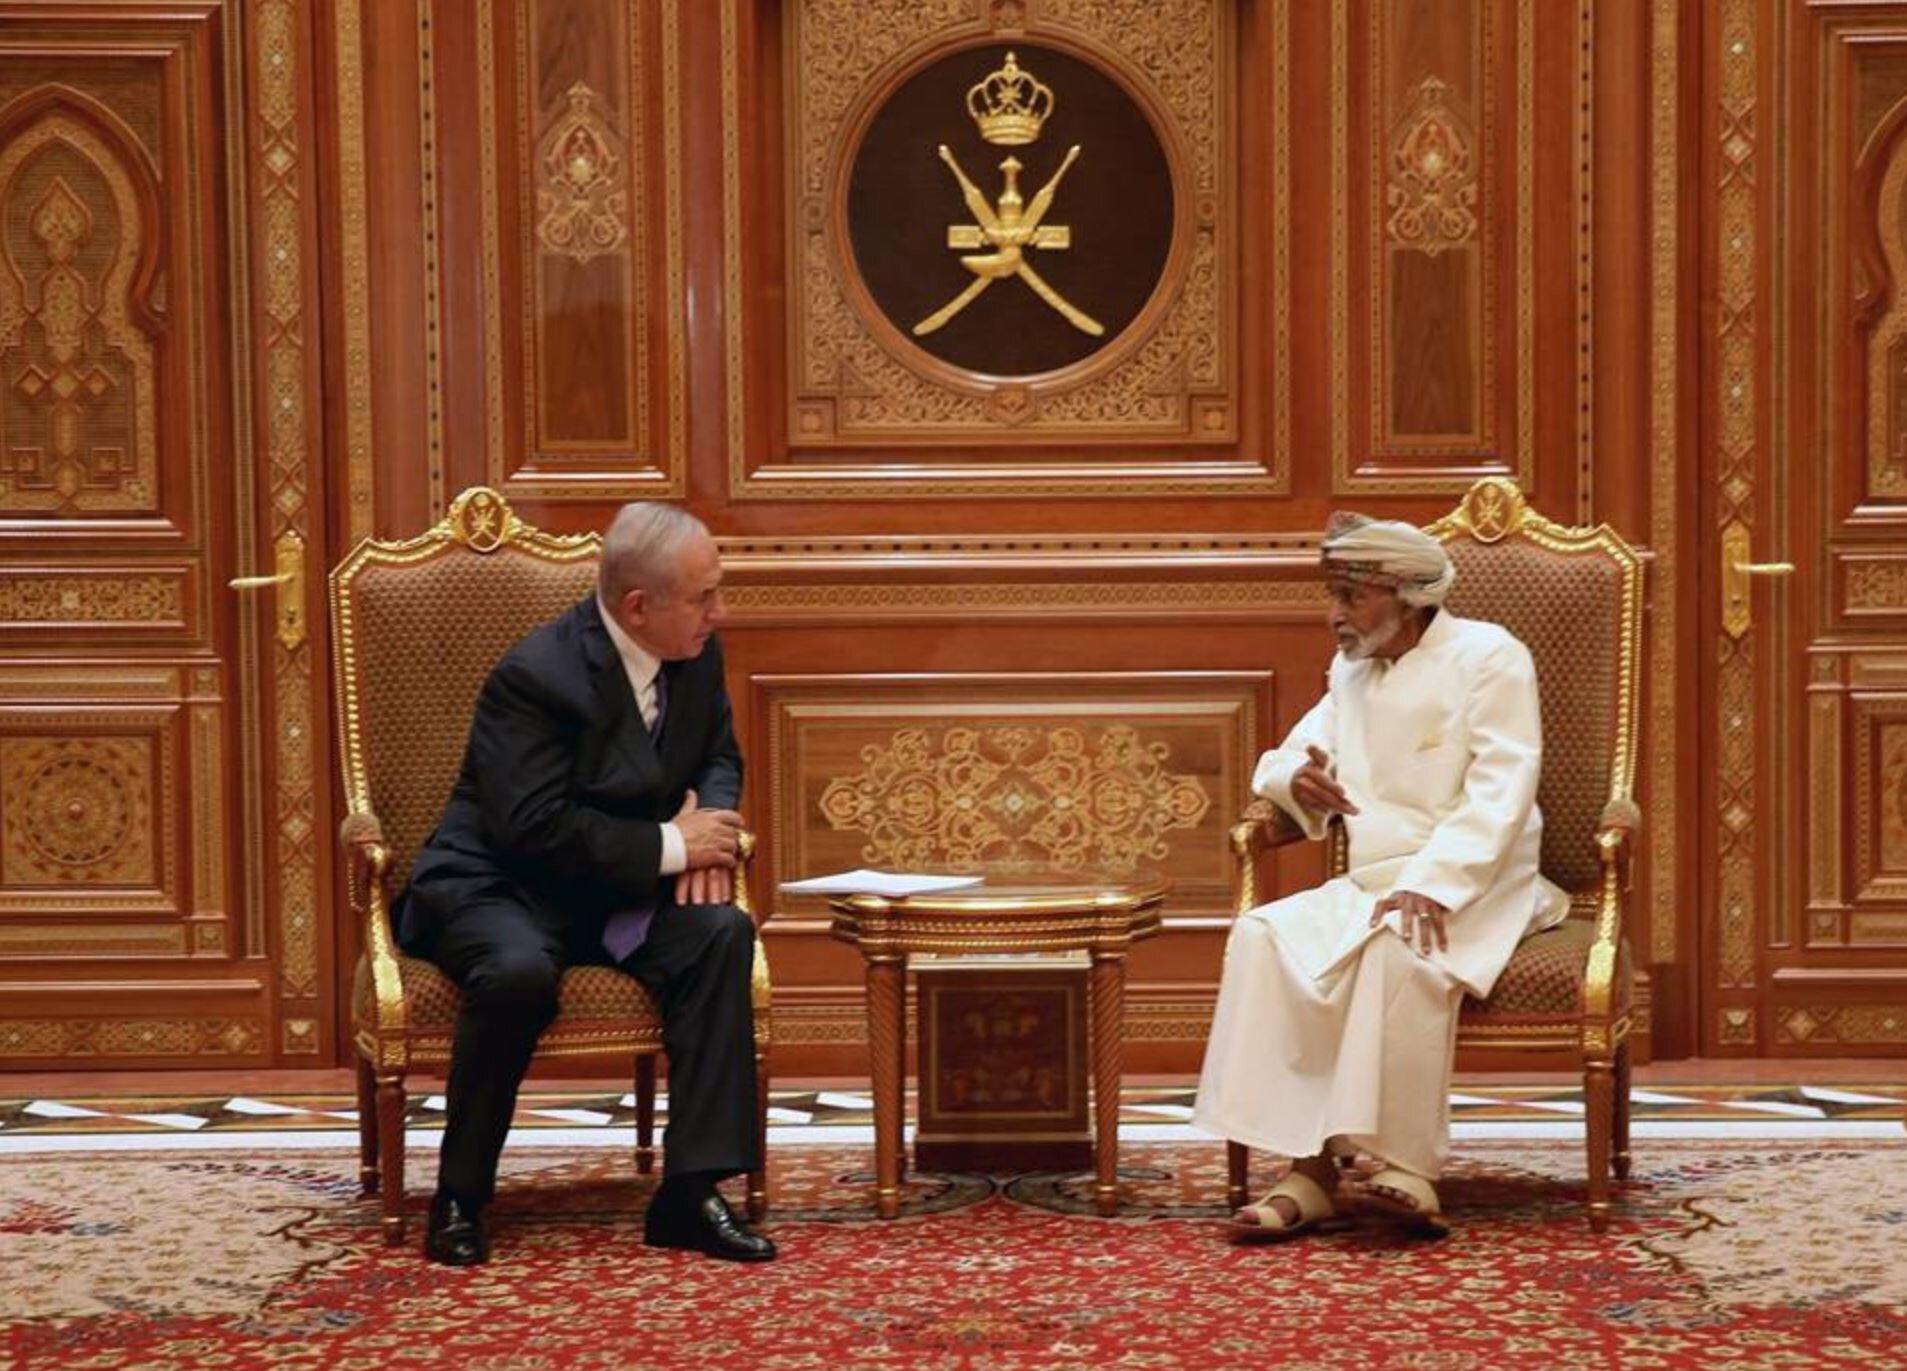 İsrail Başbakanı Benyamin Netanyahu 'nun Umman'ı ziyaretinde Sultan Kabus, Netanyahu'yu çalışma ofisinde bizzat ağırlamıştı.